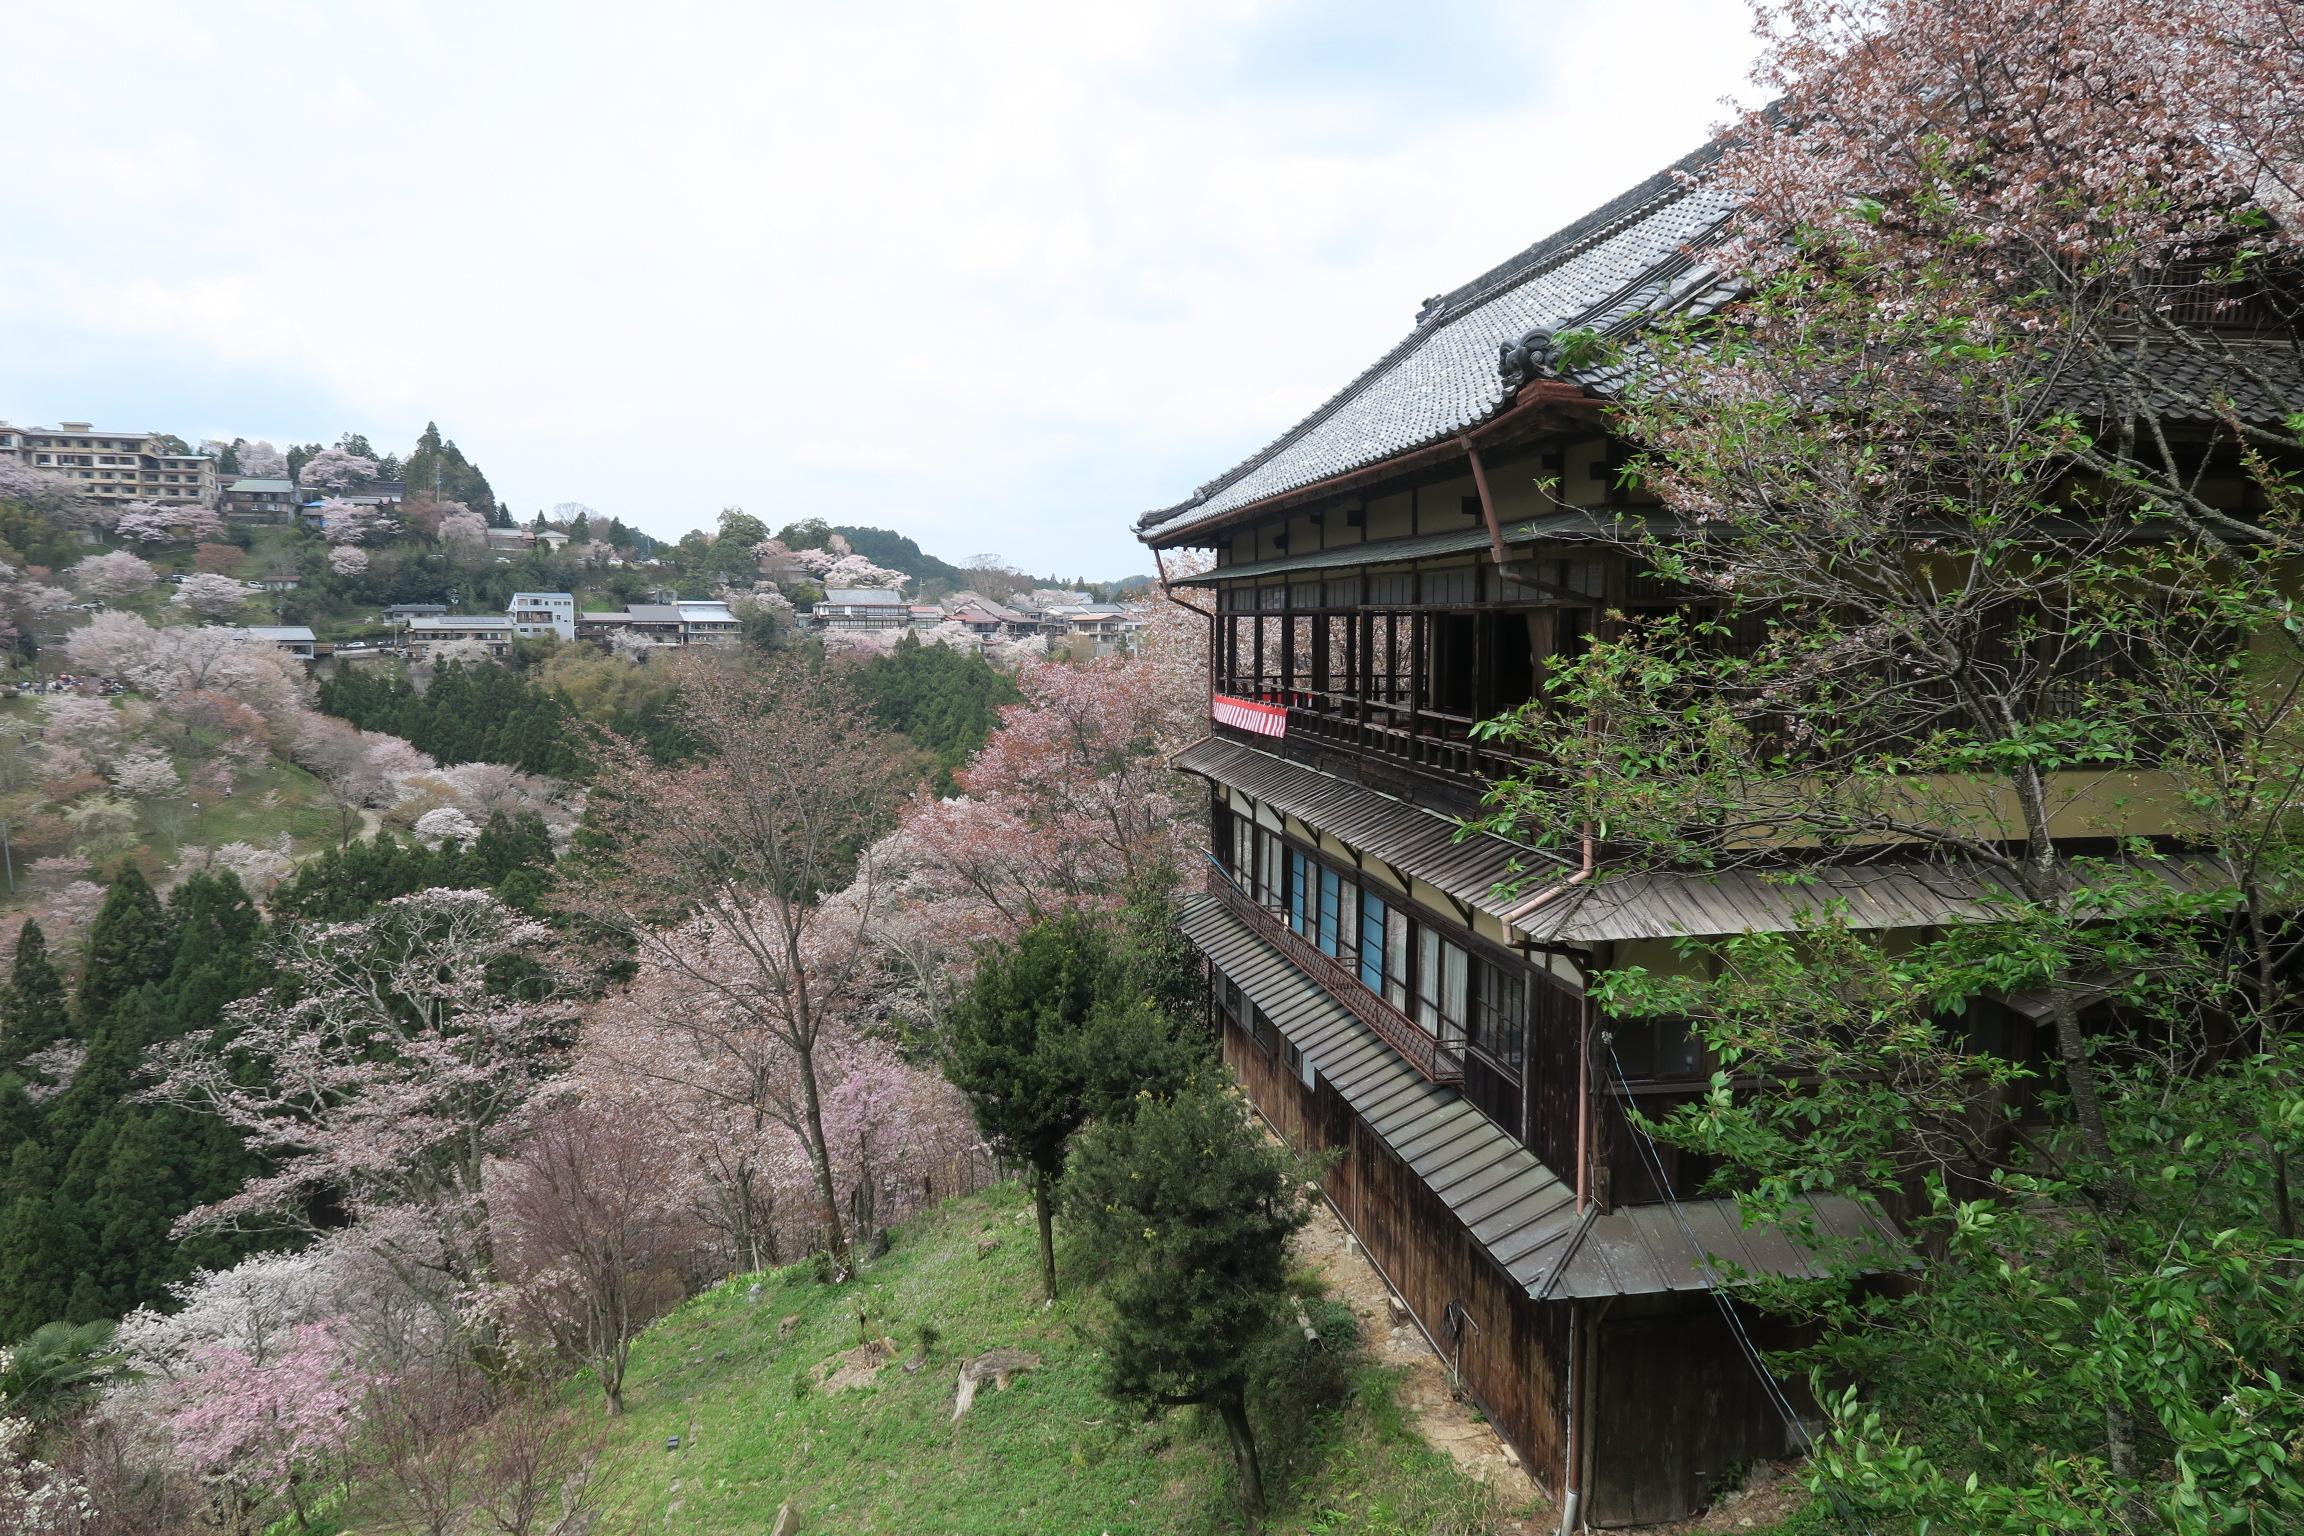 吉野ならではのお茶処。ここから観る景色はおすすめ。蔵王堂前の通りに比べて、人も少ないので穴場かもなぁ